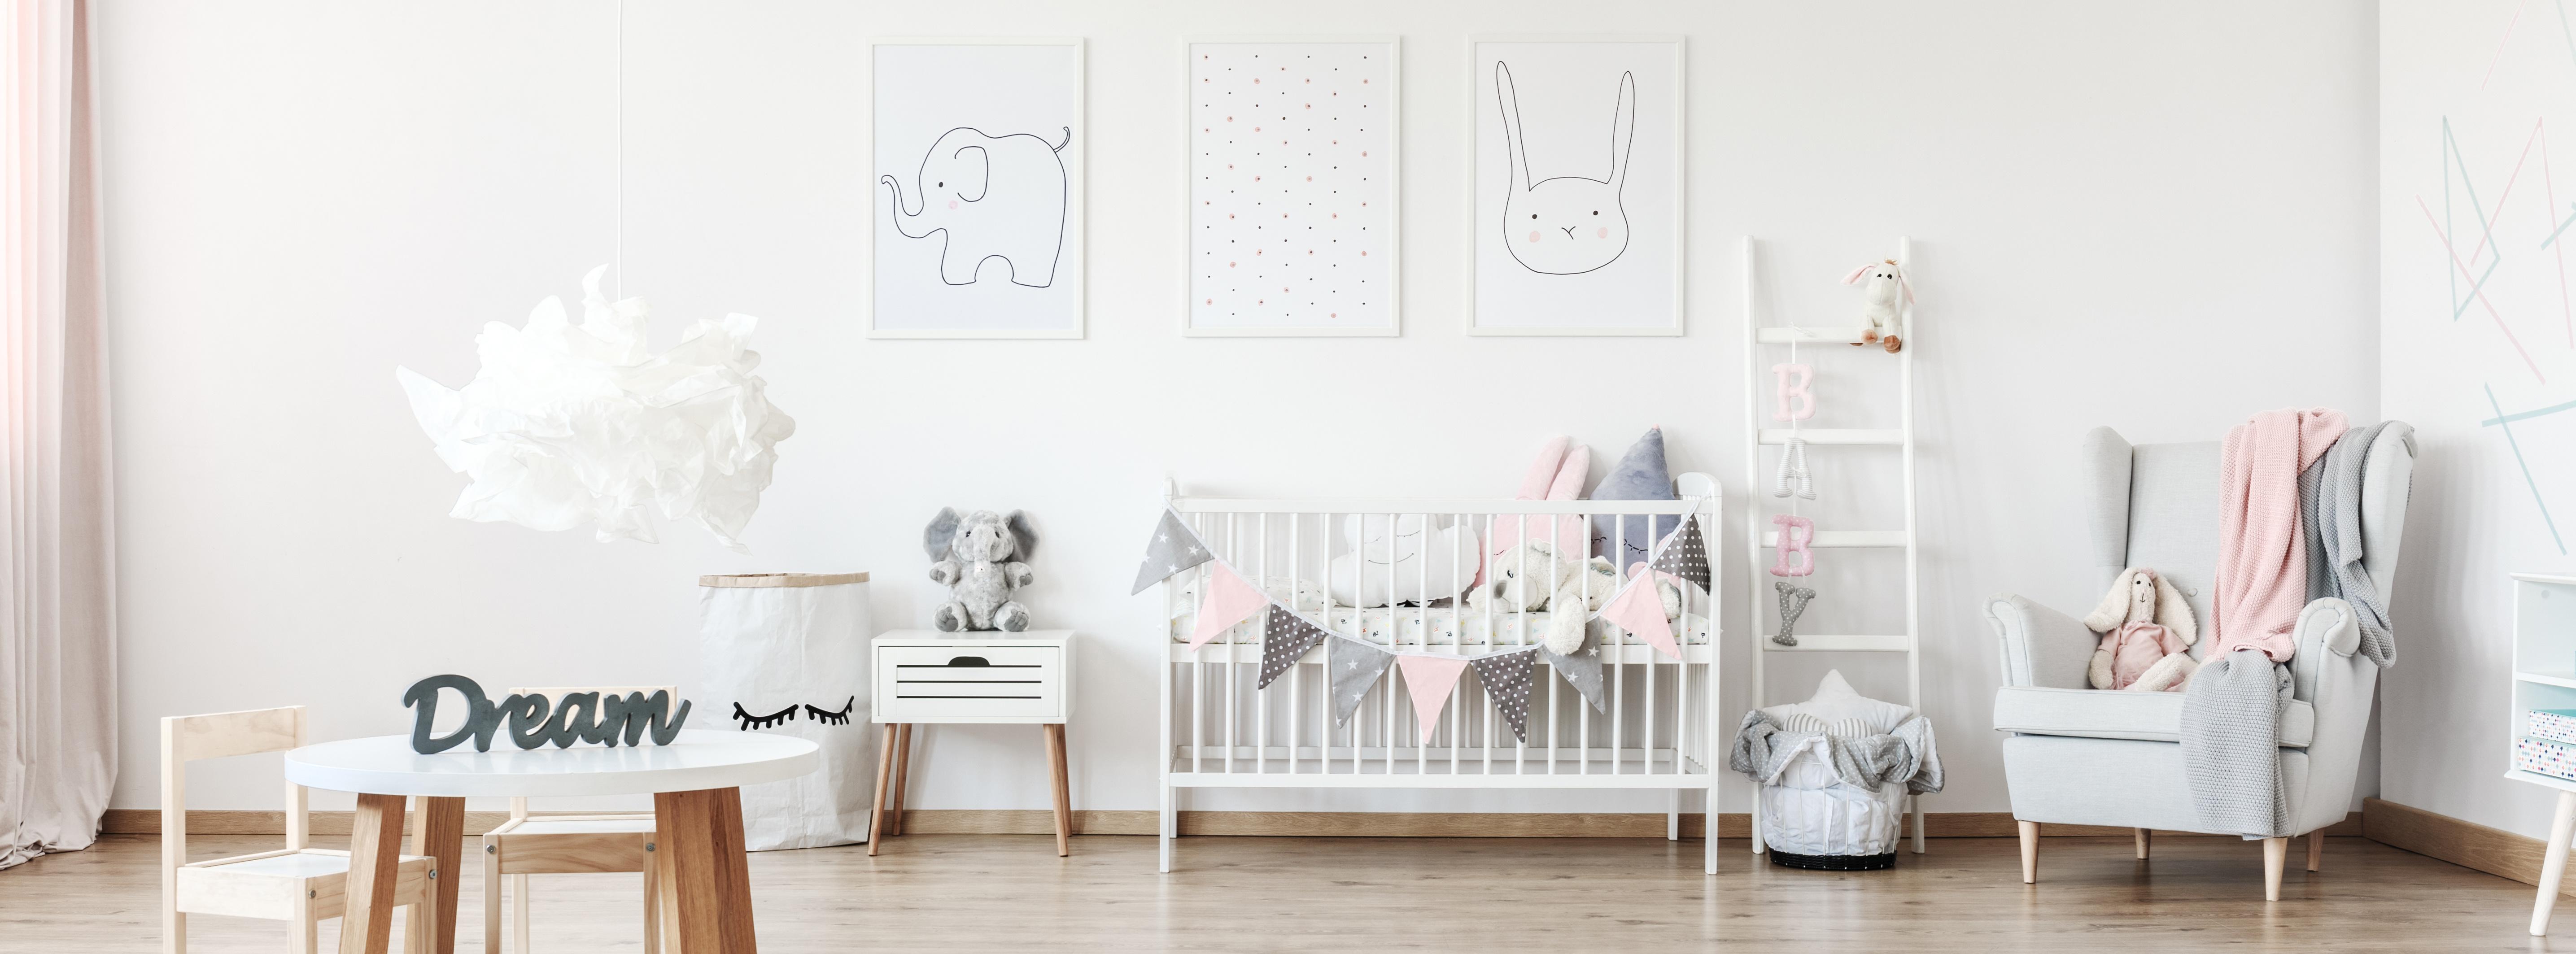 Babyzimmer-AdobeStock_175564911AtVRcf98n5iHV